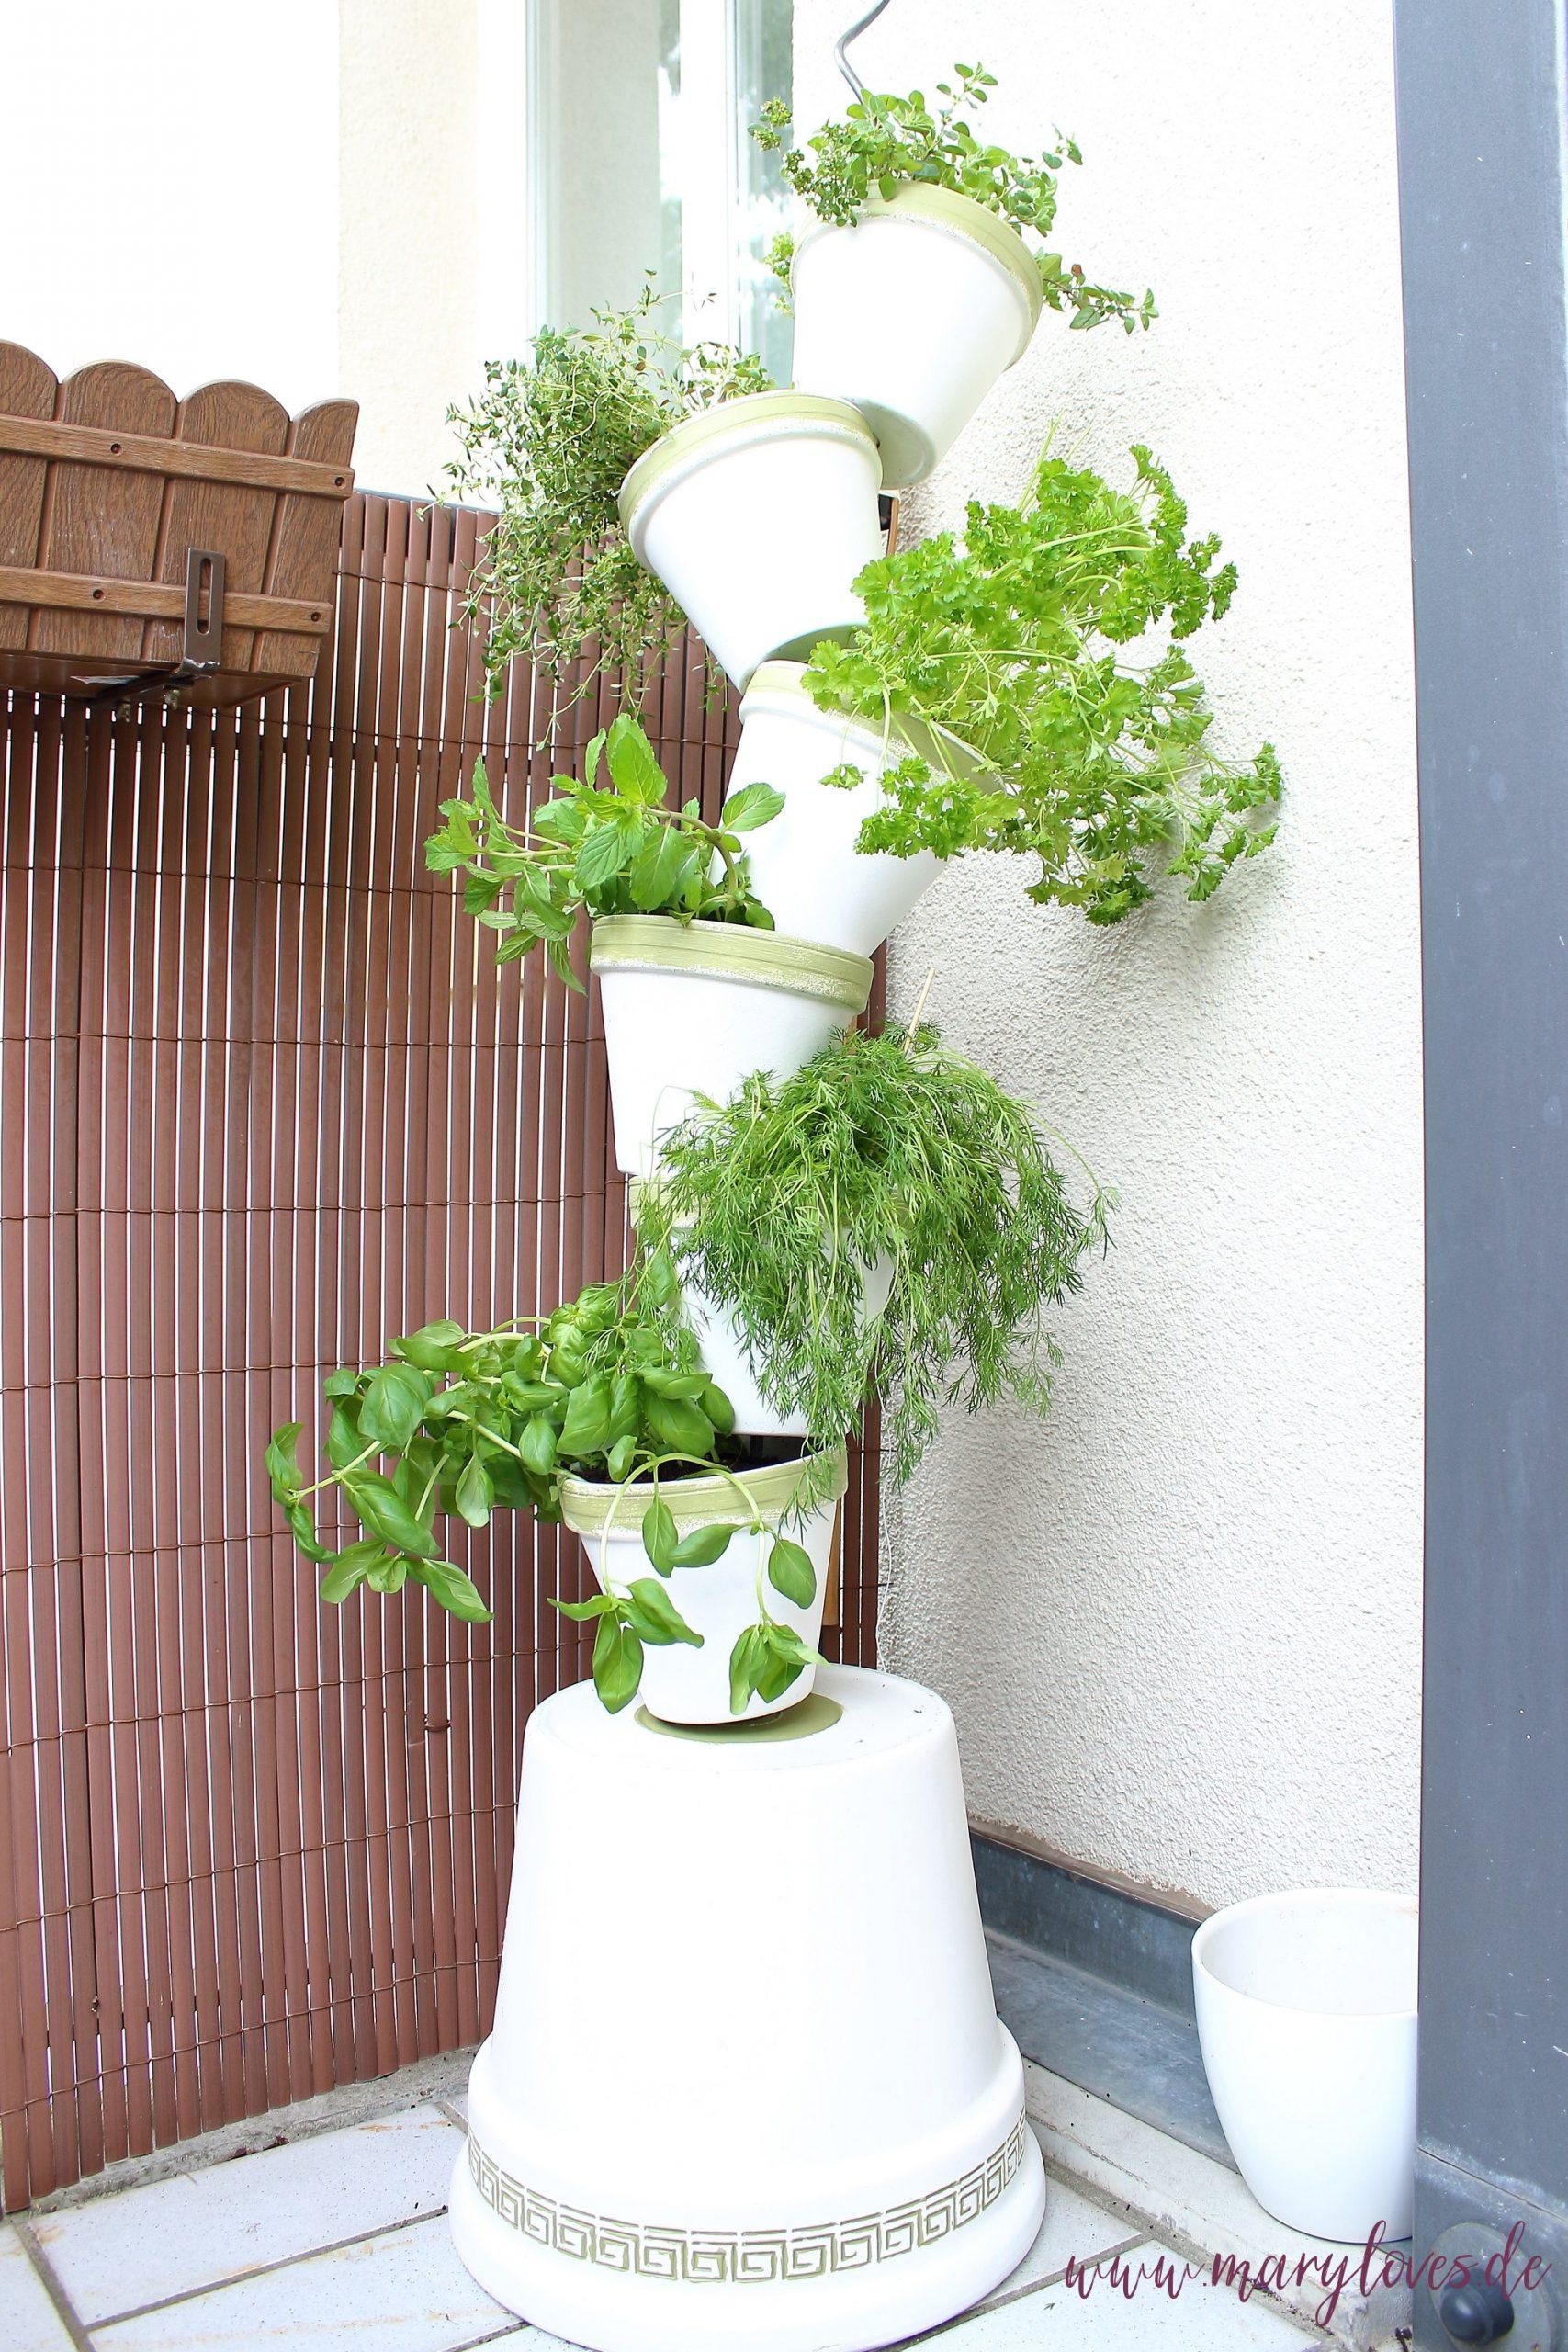 DIY-Kräuterturm aus Tontöpfen für Balkon oder Terasse selber bauen